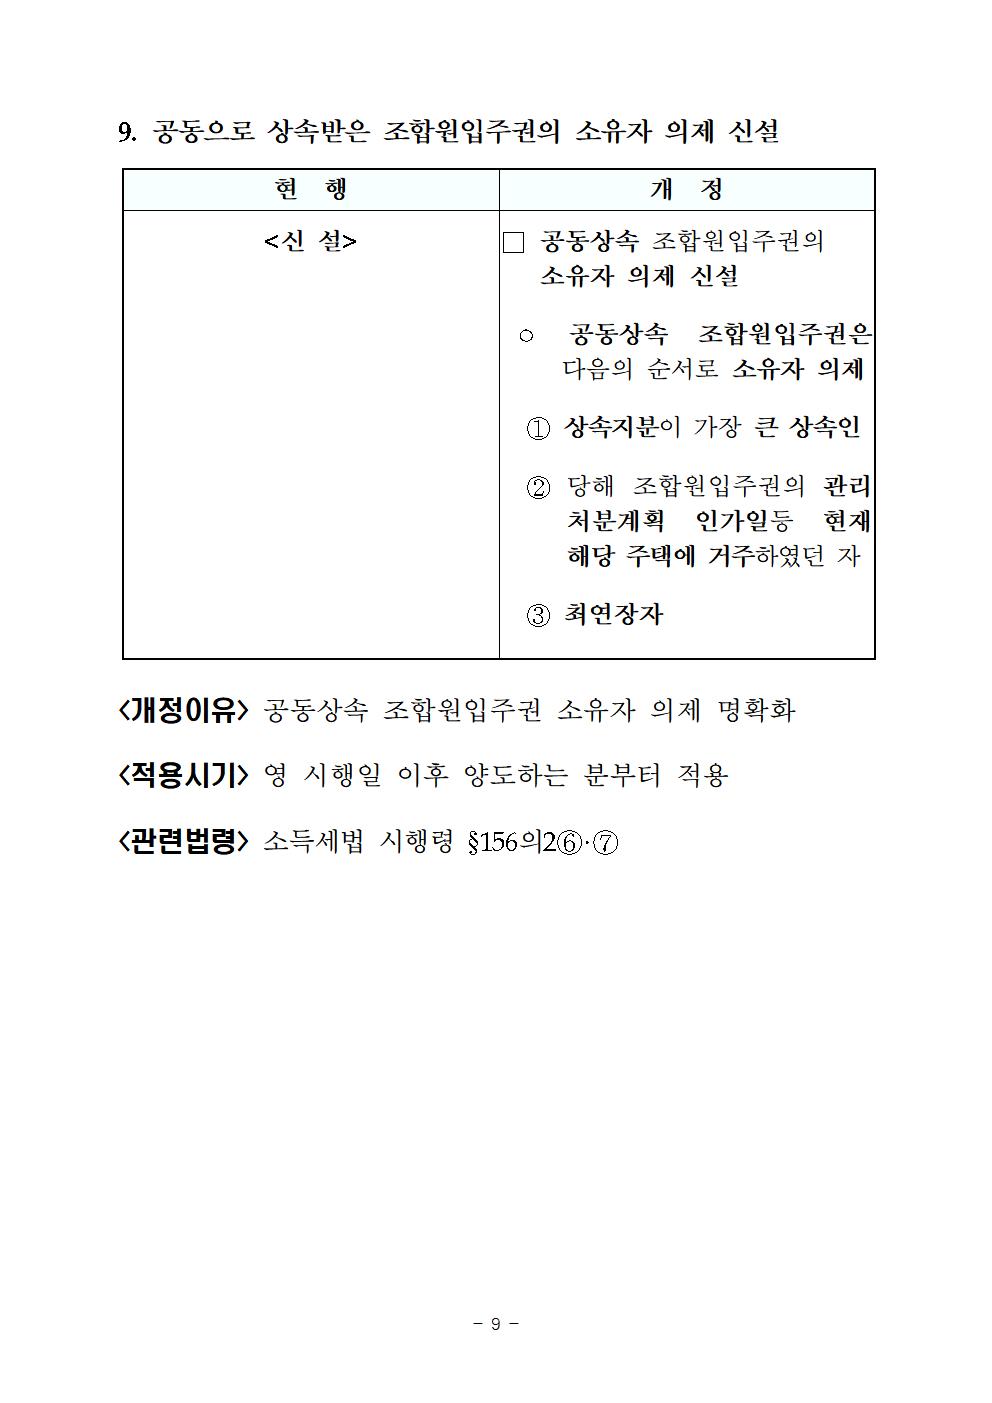 2019년세법개정내용(양도소득세분야)014.png